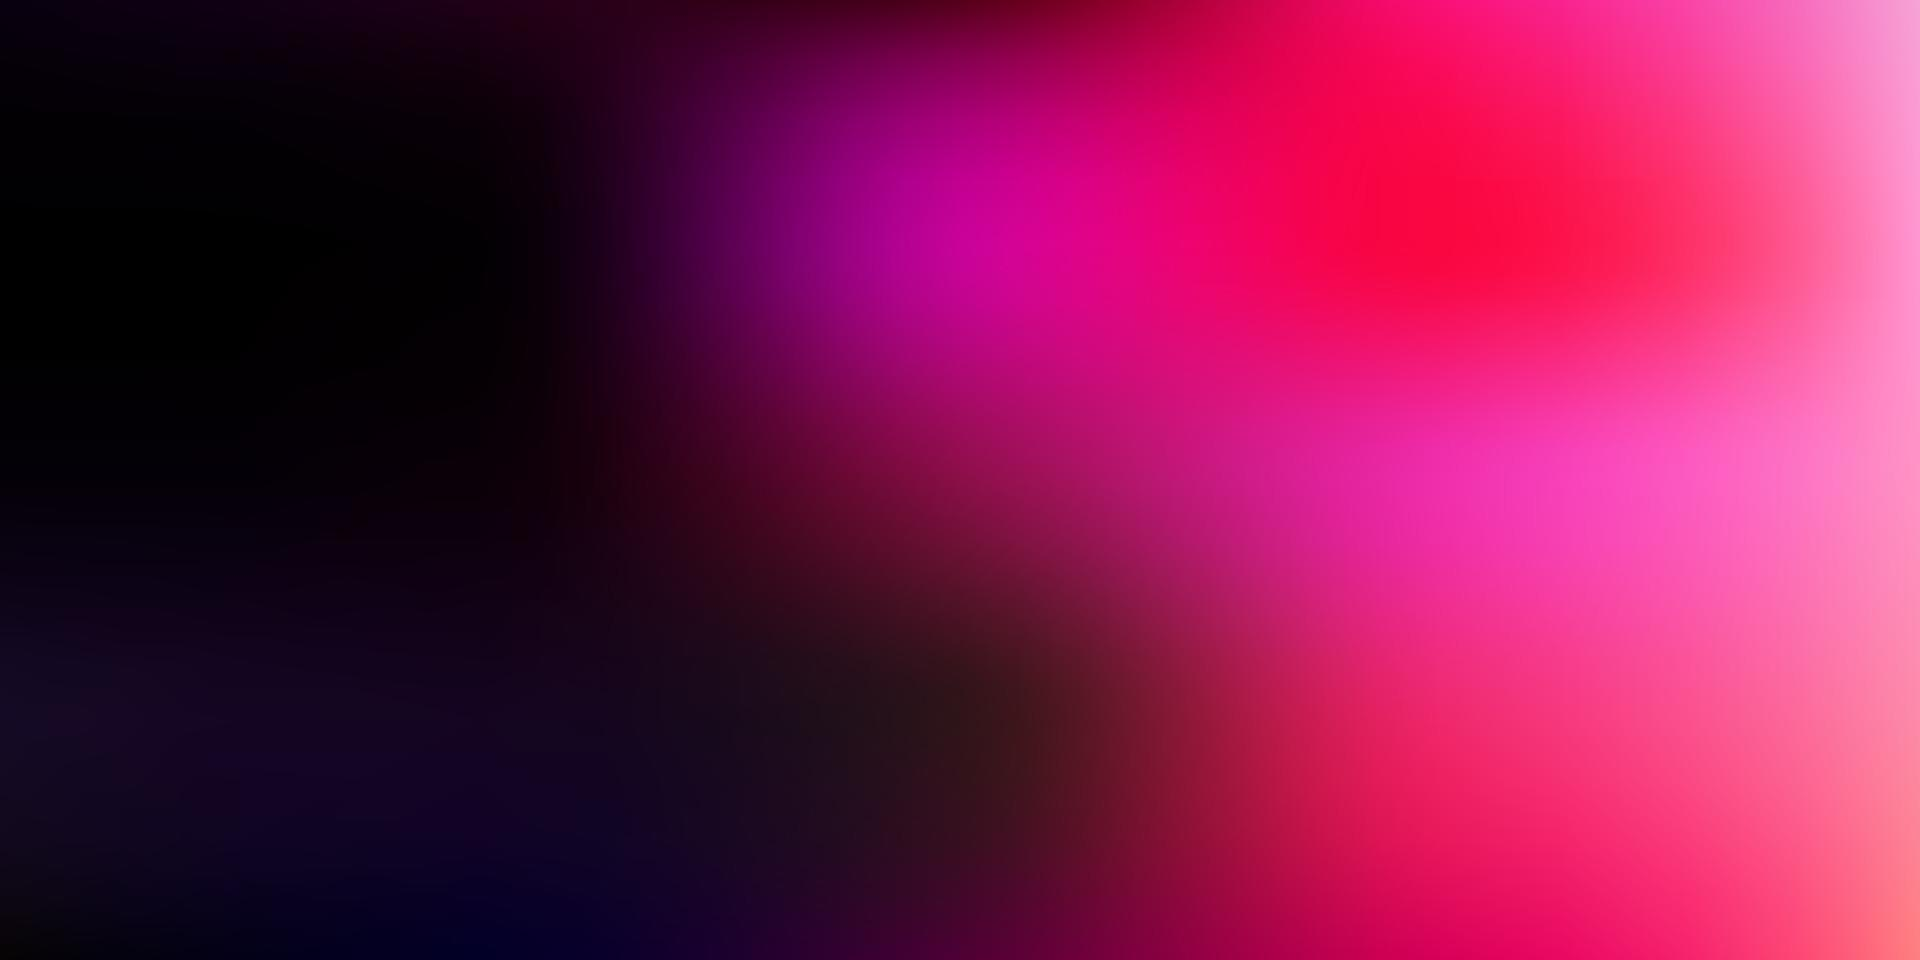 mörk lila, rosa vektor gradient oskärpa mönster.